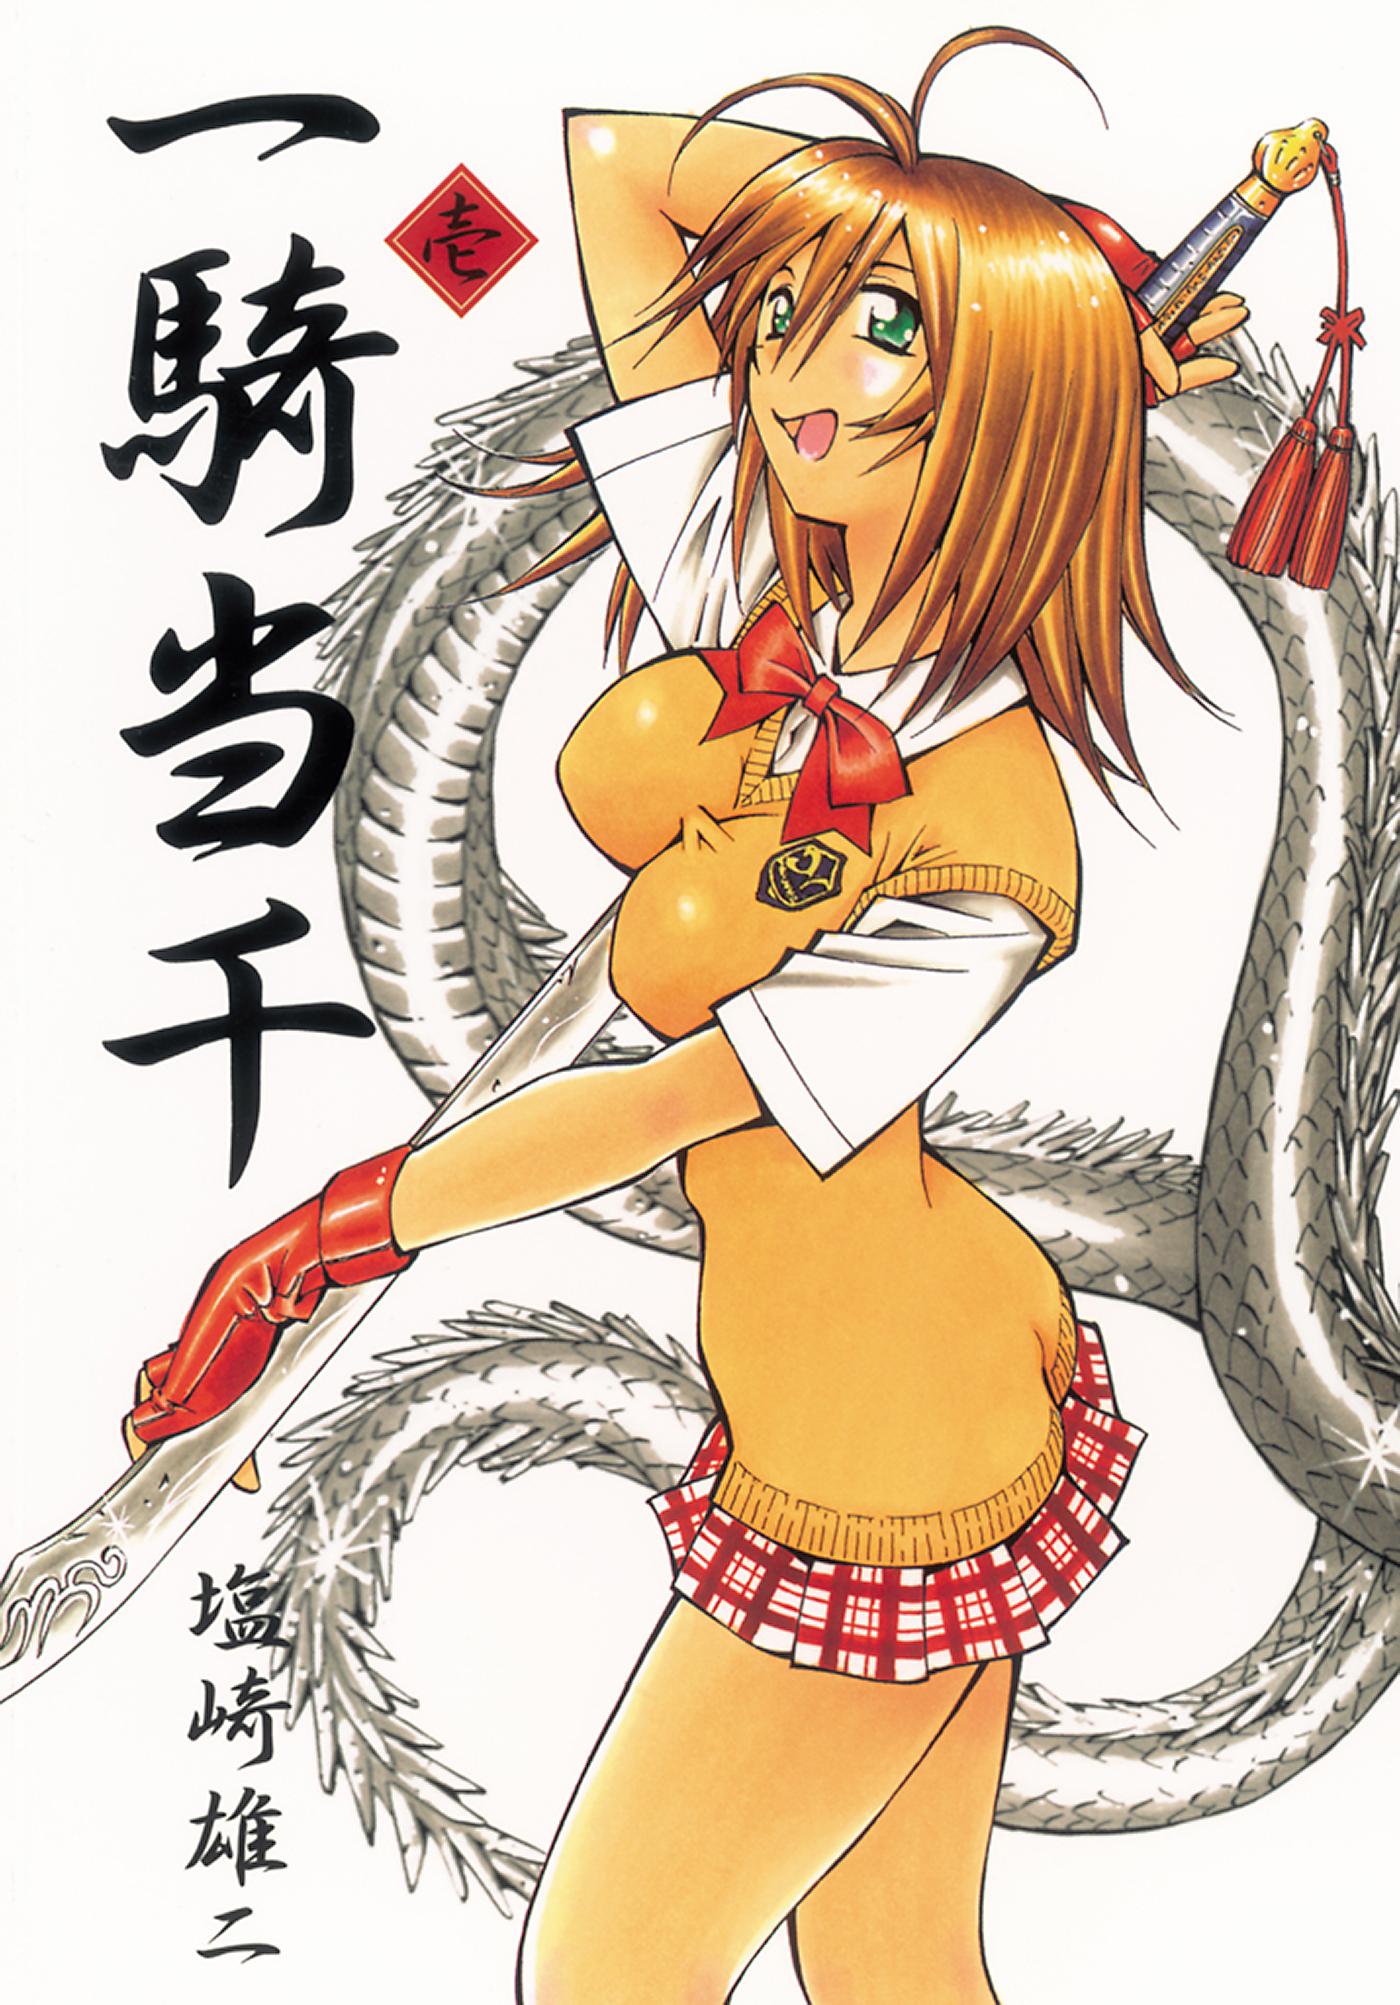 File:Battle Vixens vol 1 cover (Japanese).jpg